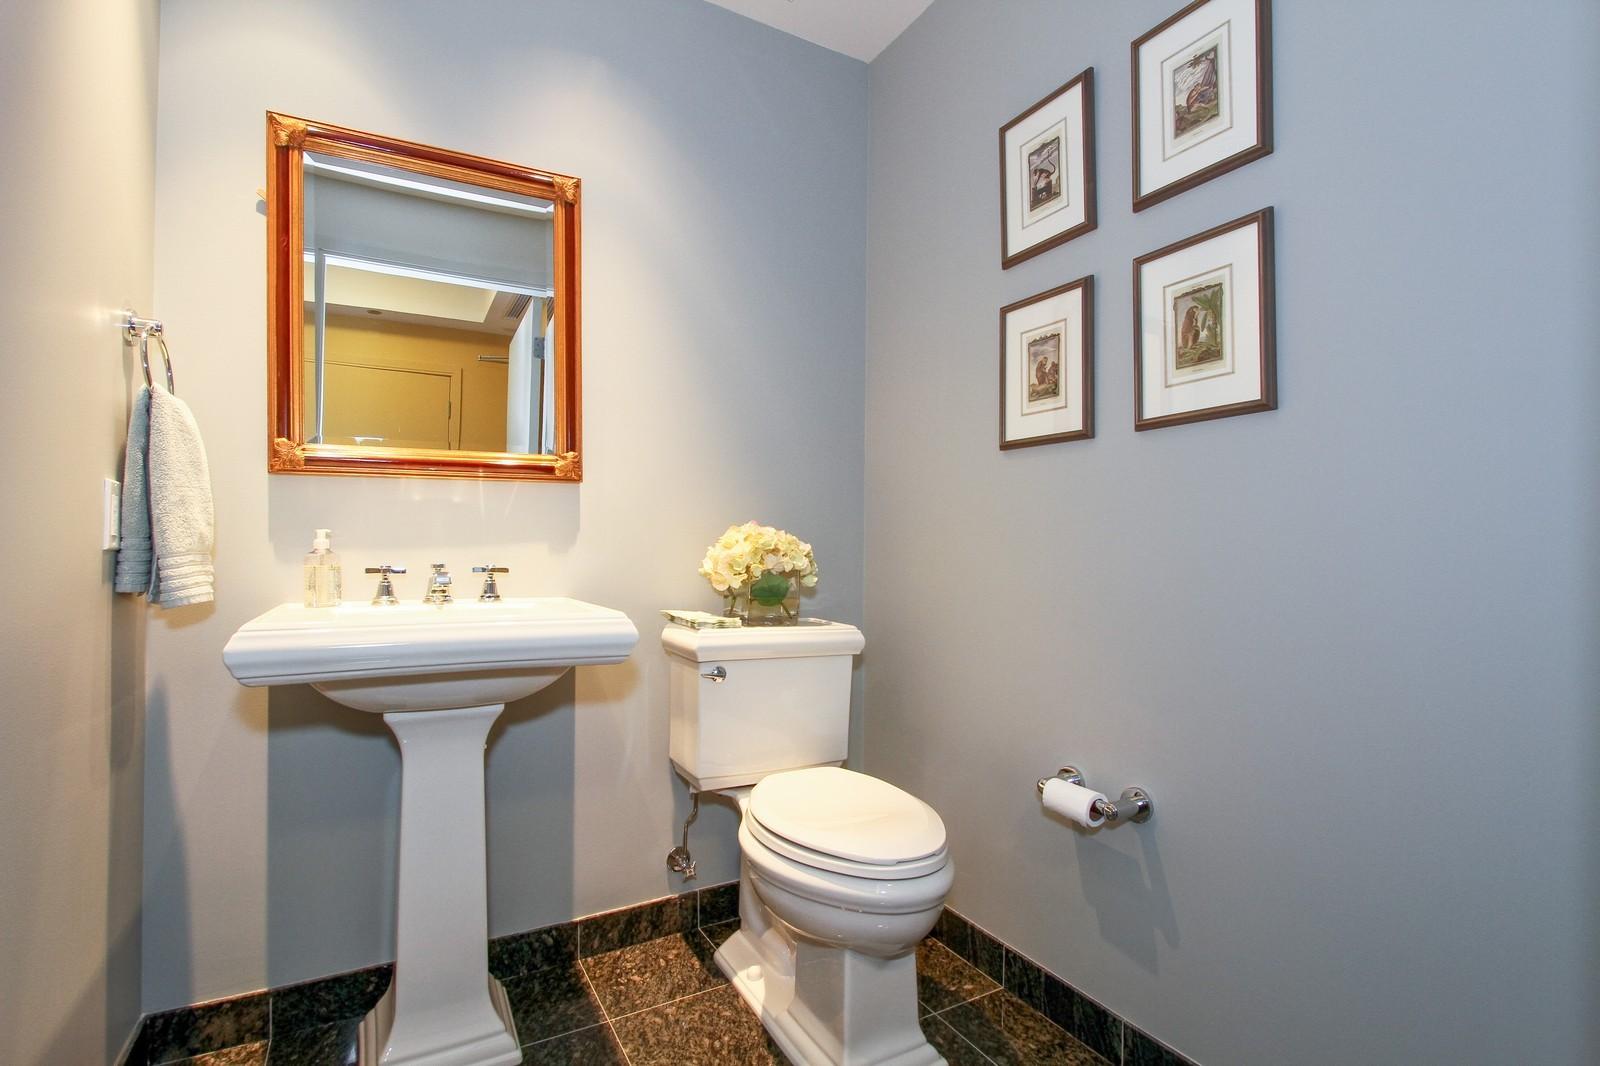 Real Estate Photography - 60 E Monroe, 6501, Chicago, IL, 60603 - Half Bath